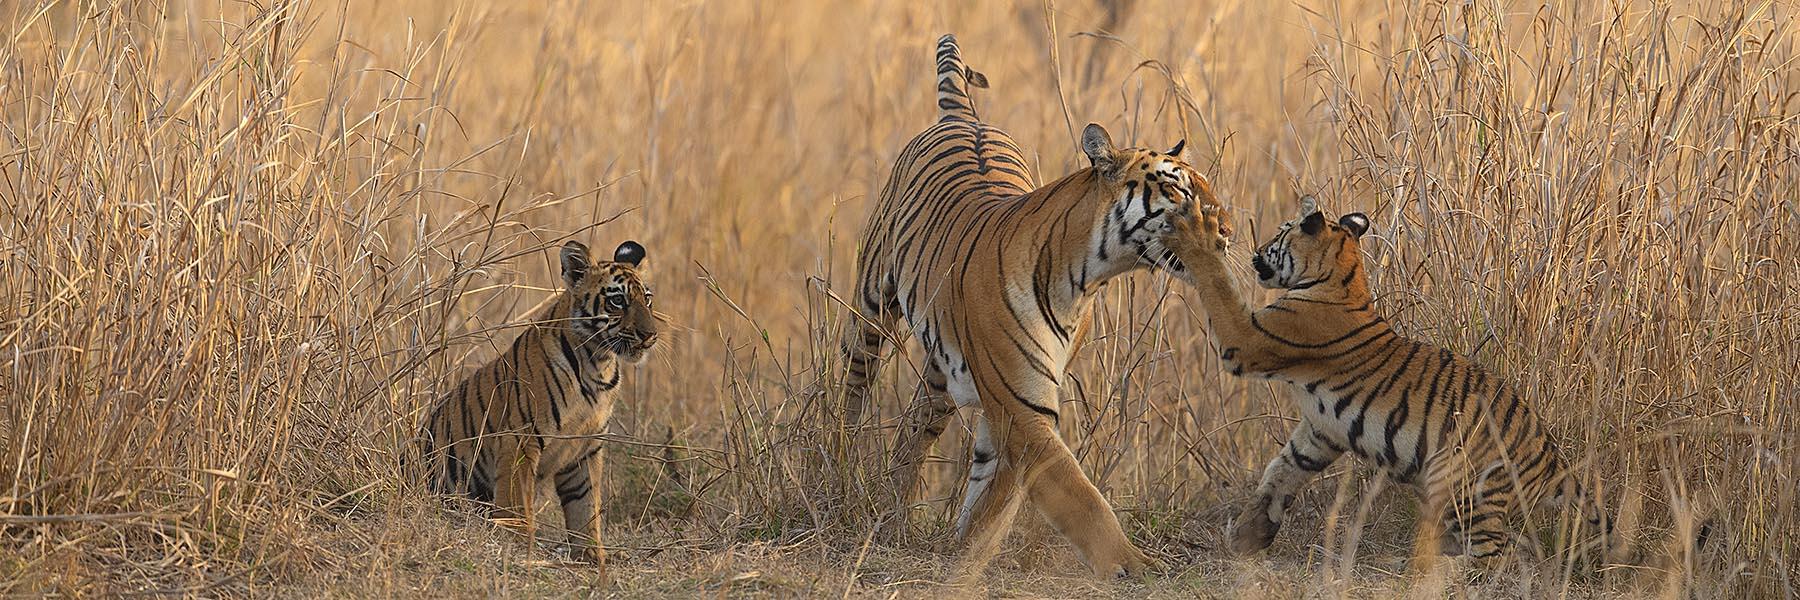 India Tiger Marathon